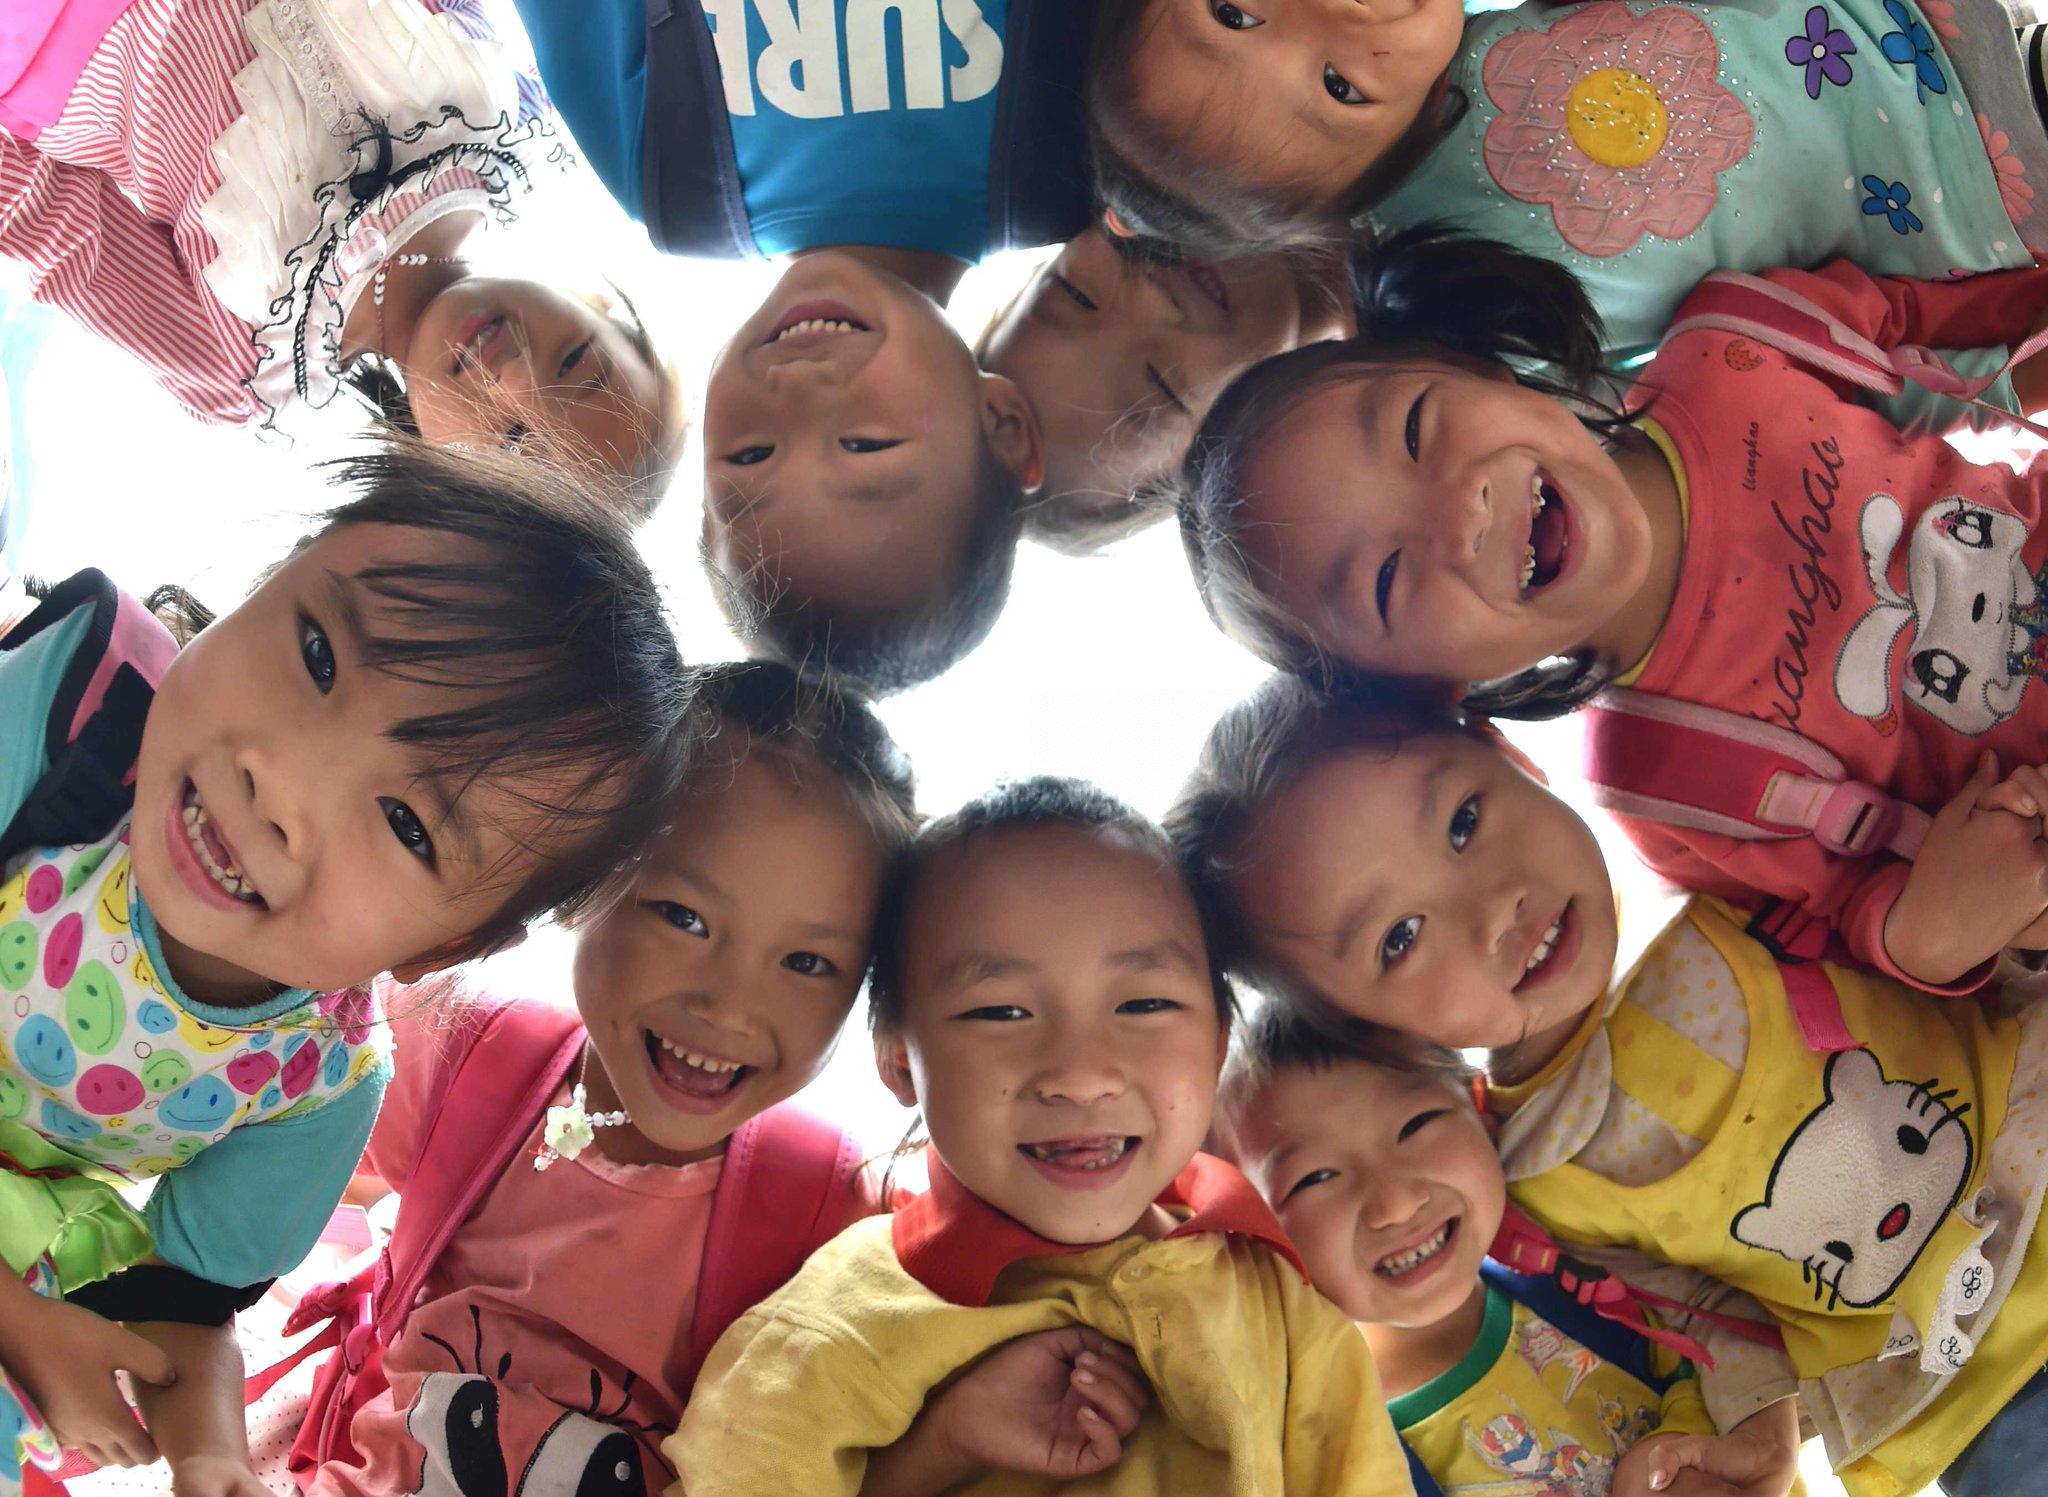 Escuelas chinas iniciarán semestre de primavera normal tras interrupción epidémica